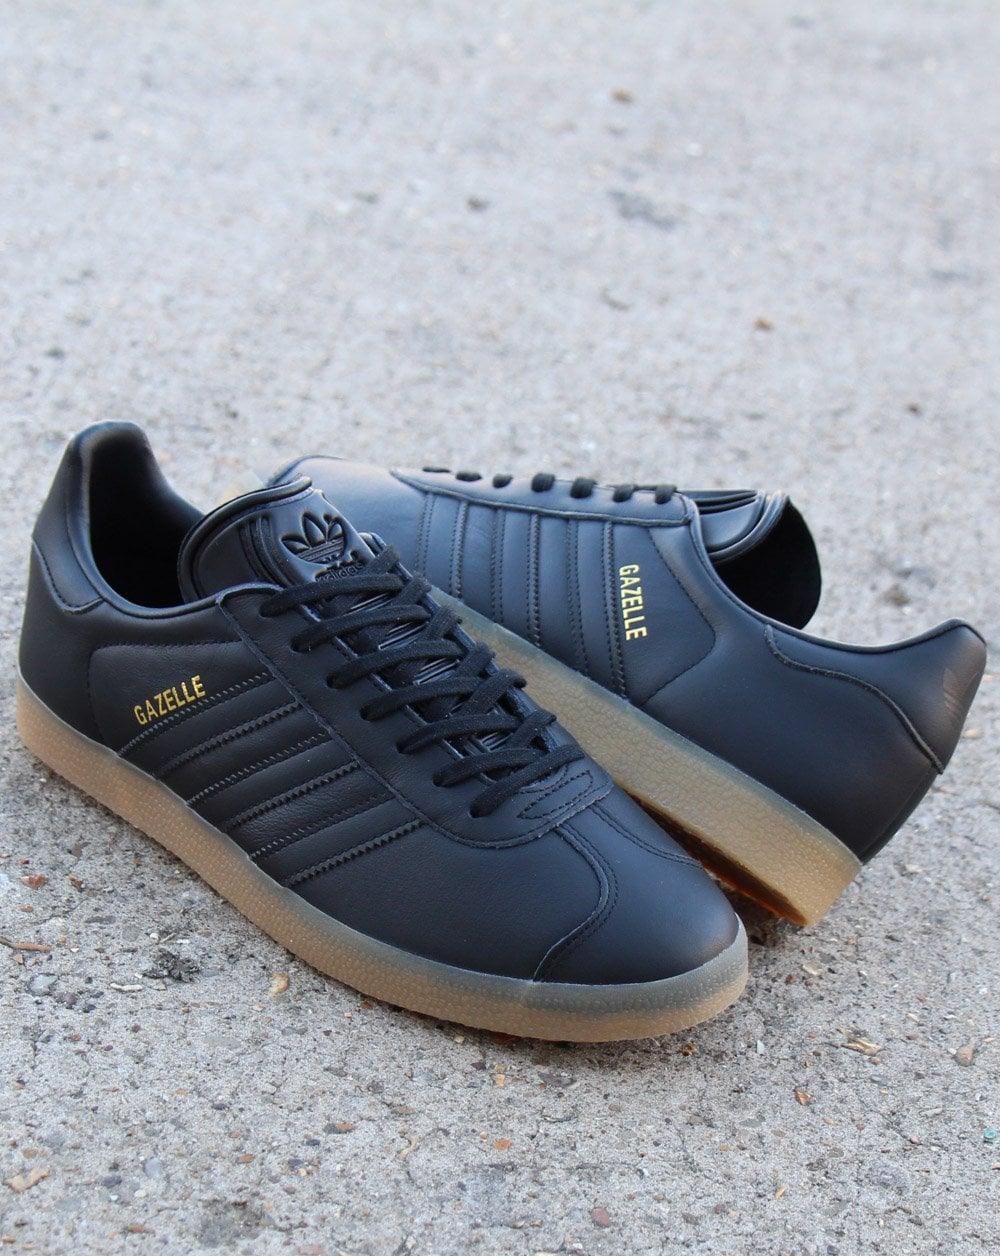 Periodo perioperatorio lago árabe  Adidas, Gazelle, Trainers, Black, Leather, Gum | 80s casual classics